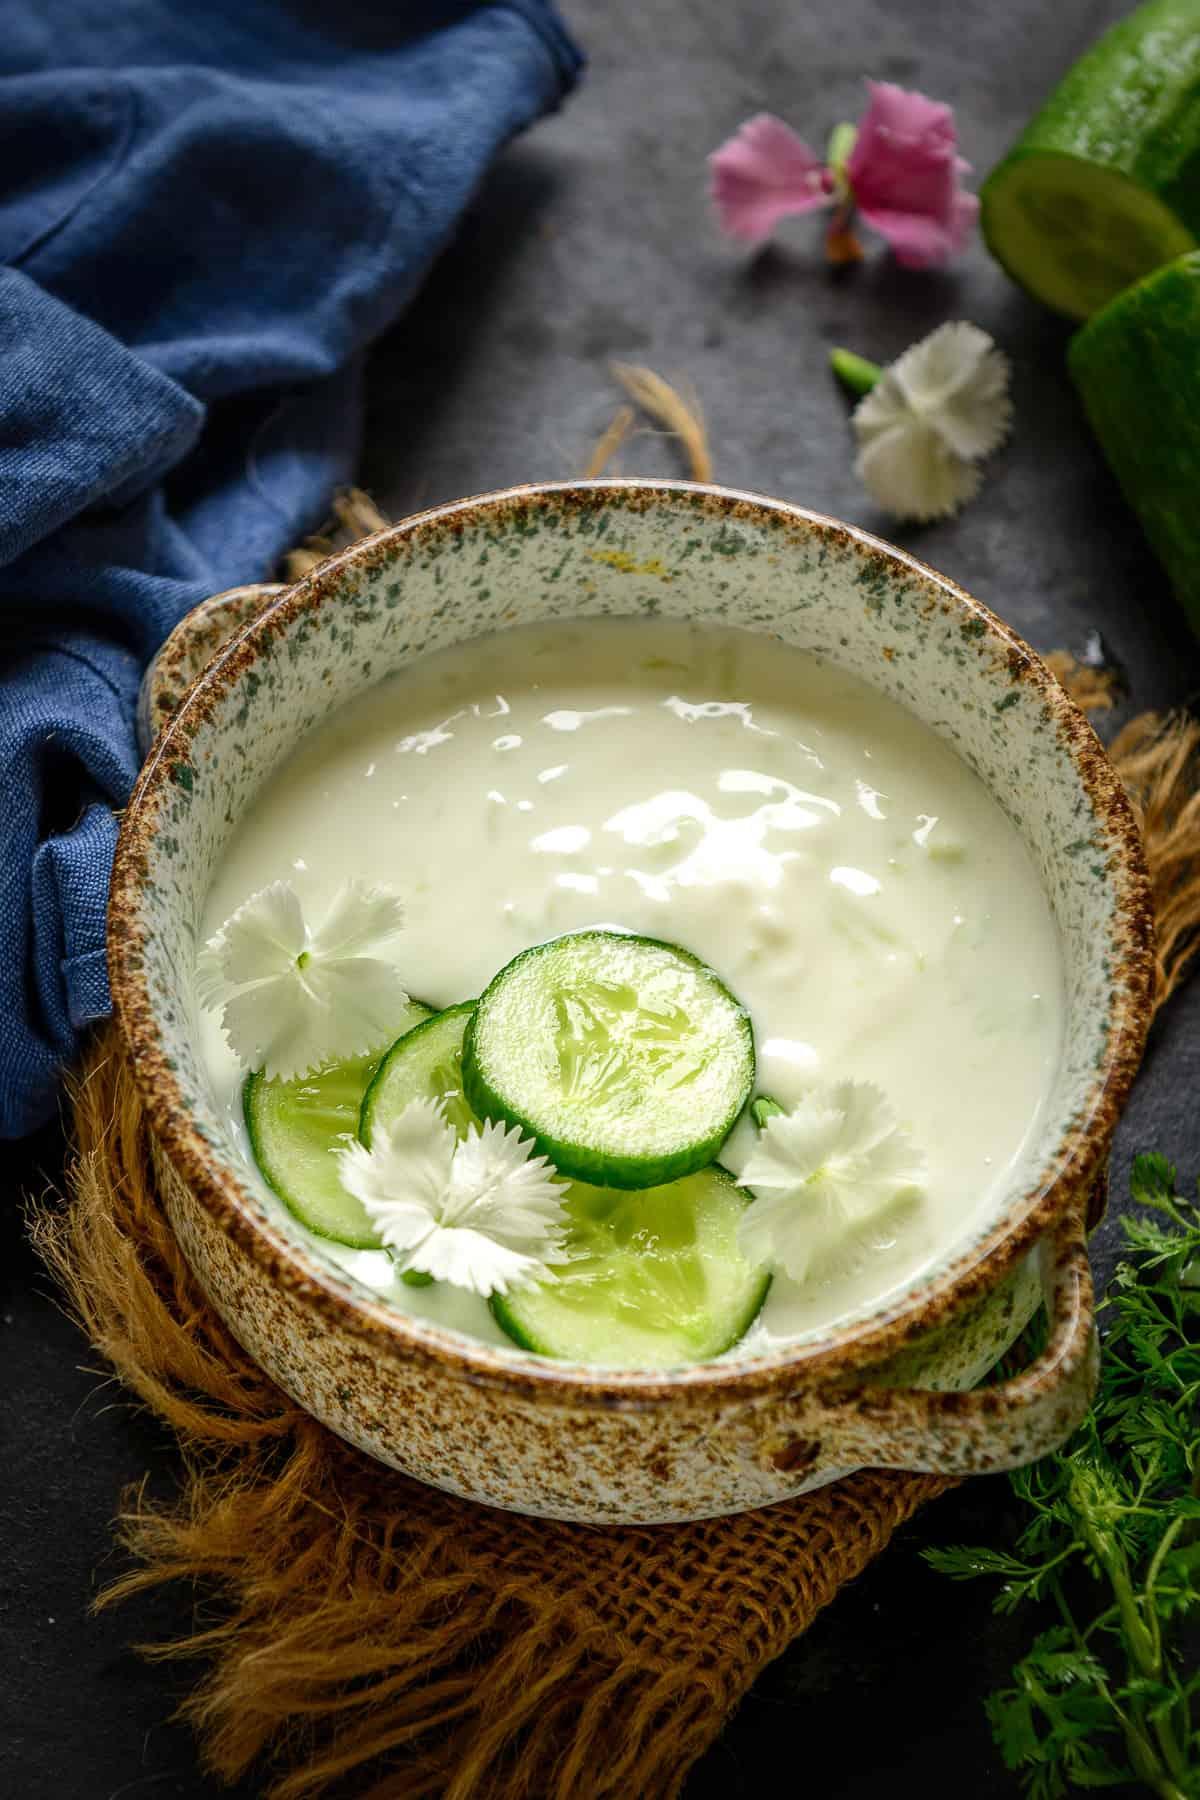 Cucumber Raita served in a bowl.